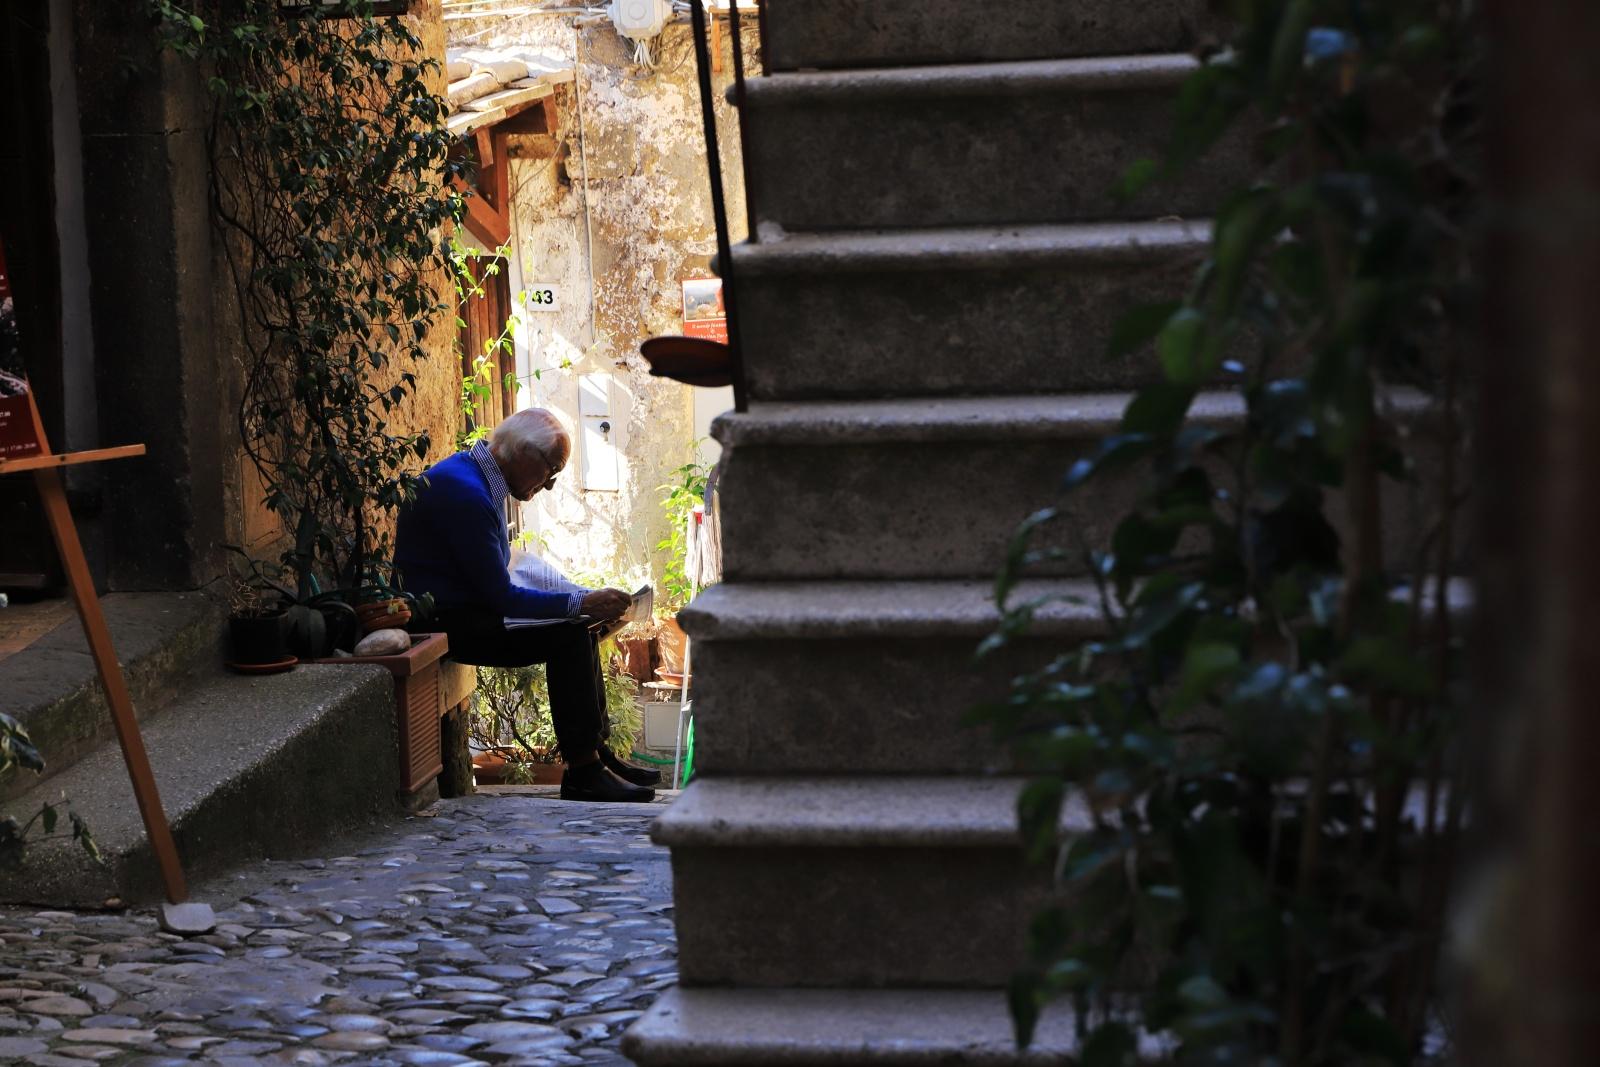 """Borgo-antico - Signore indisturbato legge il giornare nel borgo di calcata.""""Se qualcuno si sentisse infastidito dalla presenza della propria immagine nel mio Reportage puo scrivere a paolocoppola84@gmail.com e provvedero' quanto prima a rimuoverla."""""""